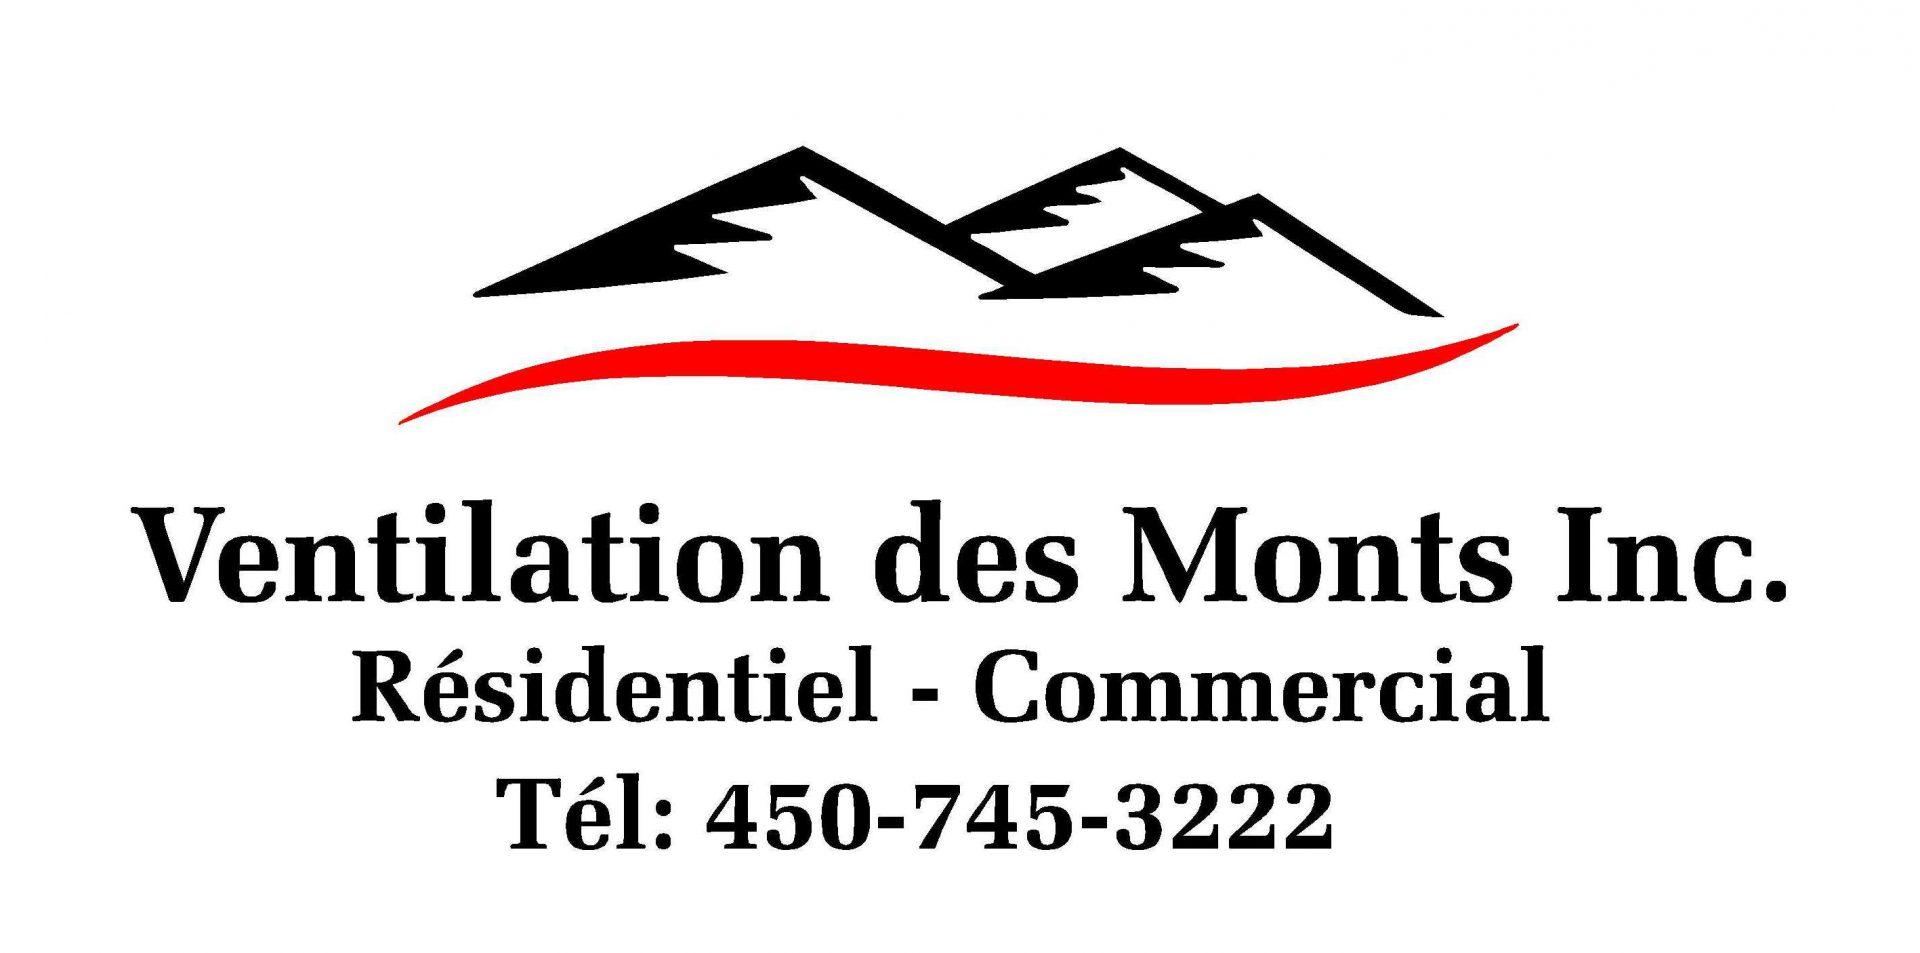 Ventilation des Monts inc.